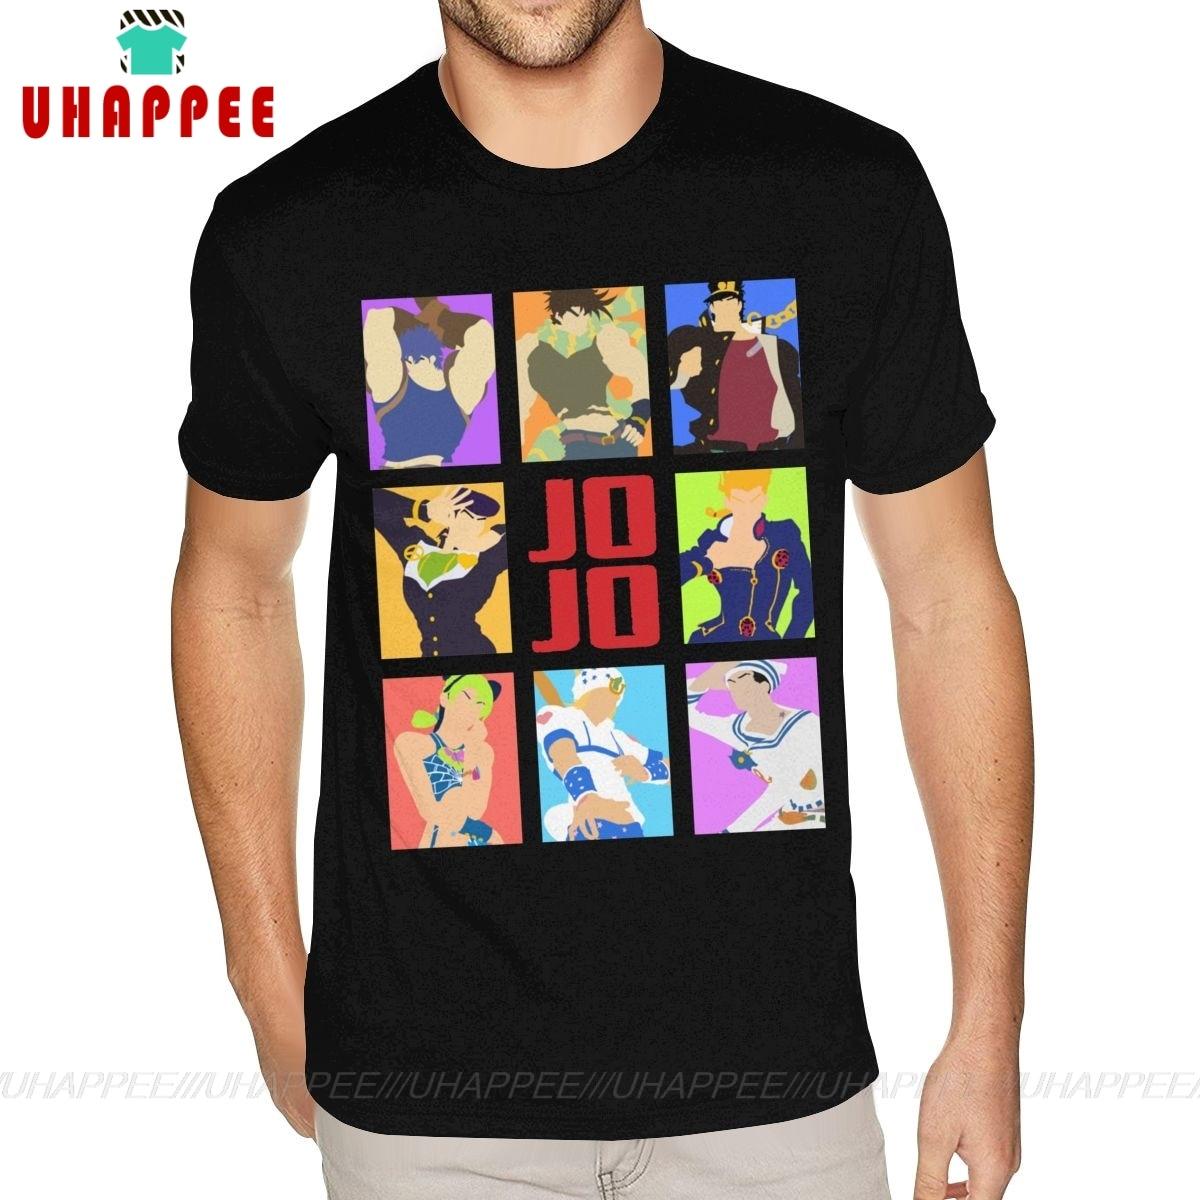 Desenhos animados imprimir jojo bizarro aventura heróis foto t camisas de manga curta algodão namorado 6xl camisa preta